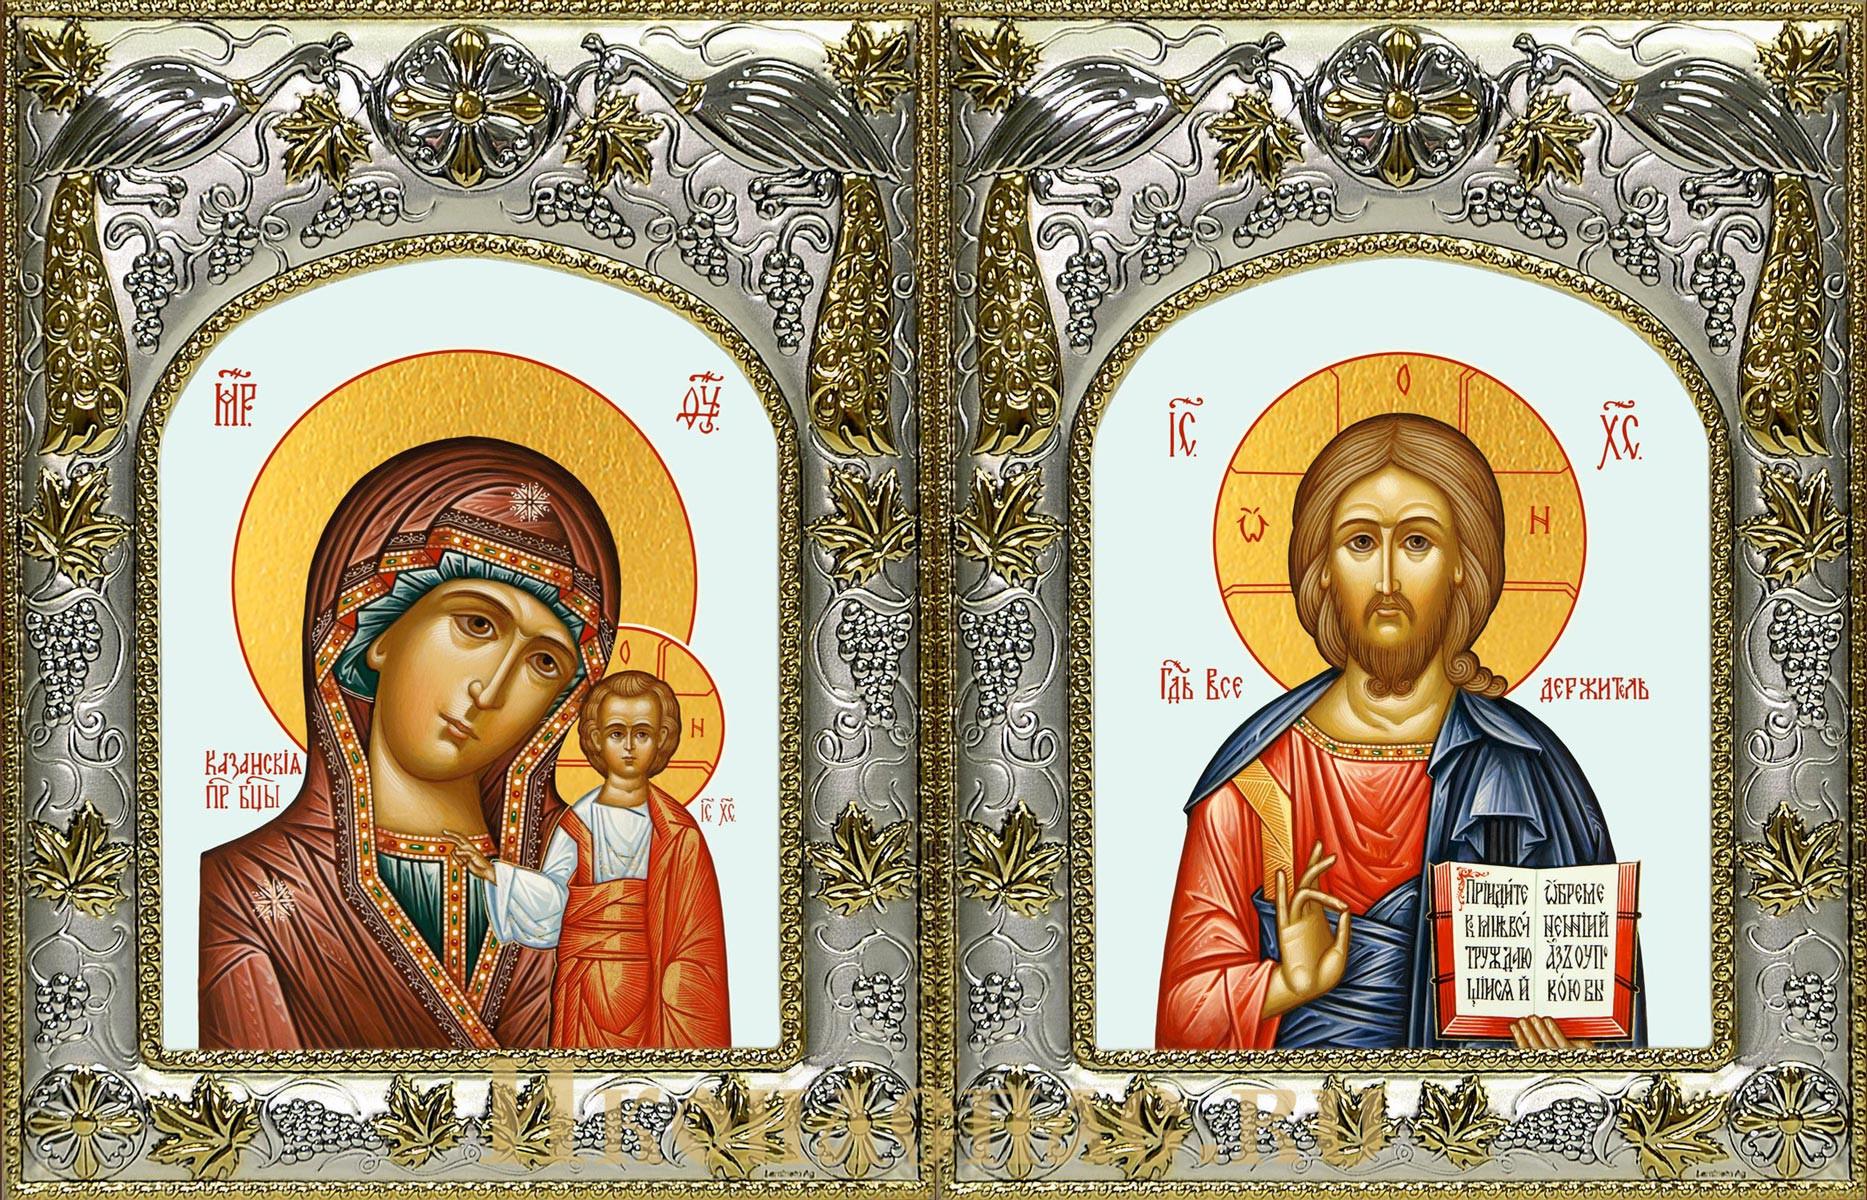 Венчальная пара икон Господь Вседержитель и Казанская икона Божьей Матери